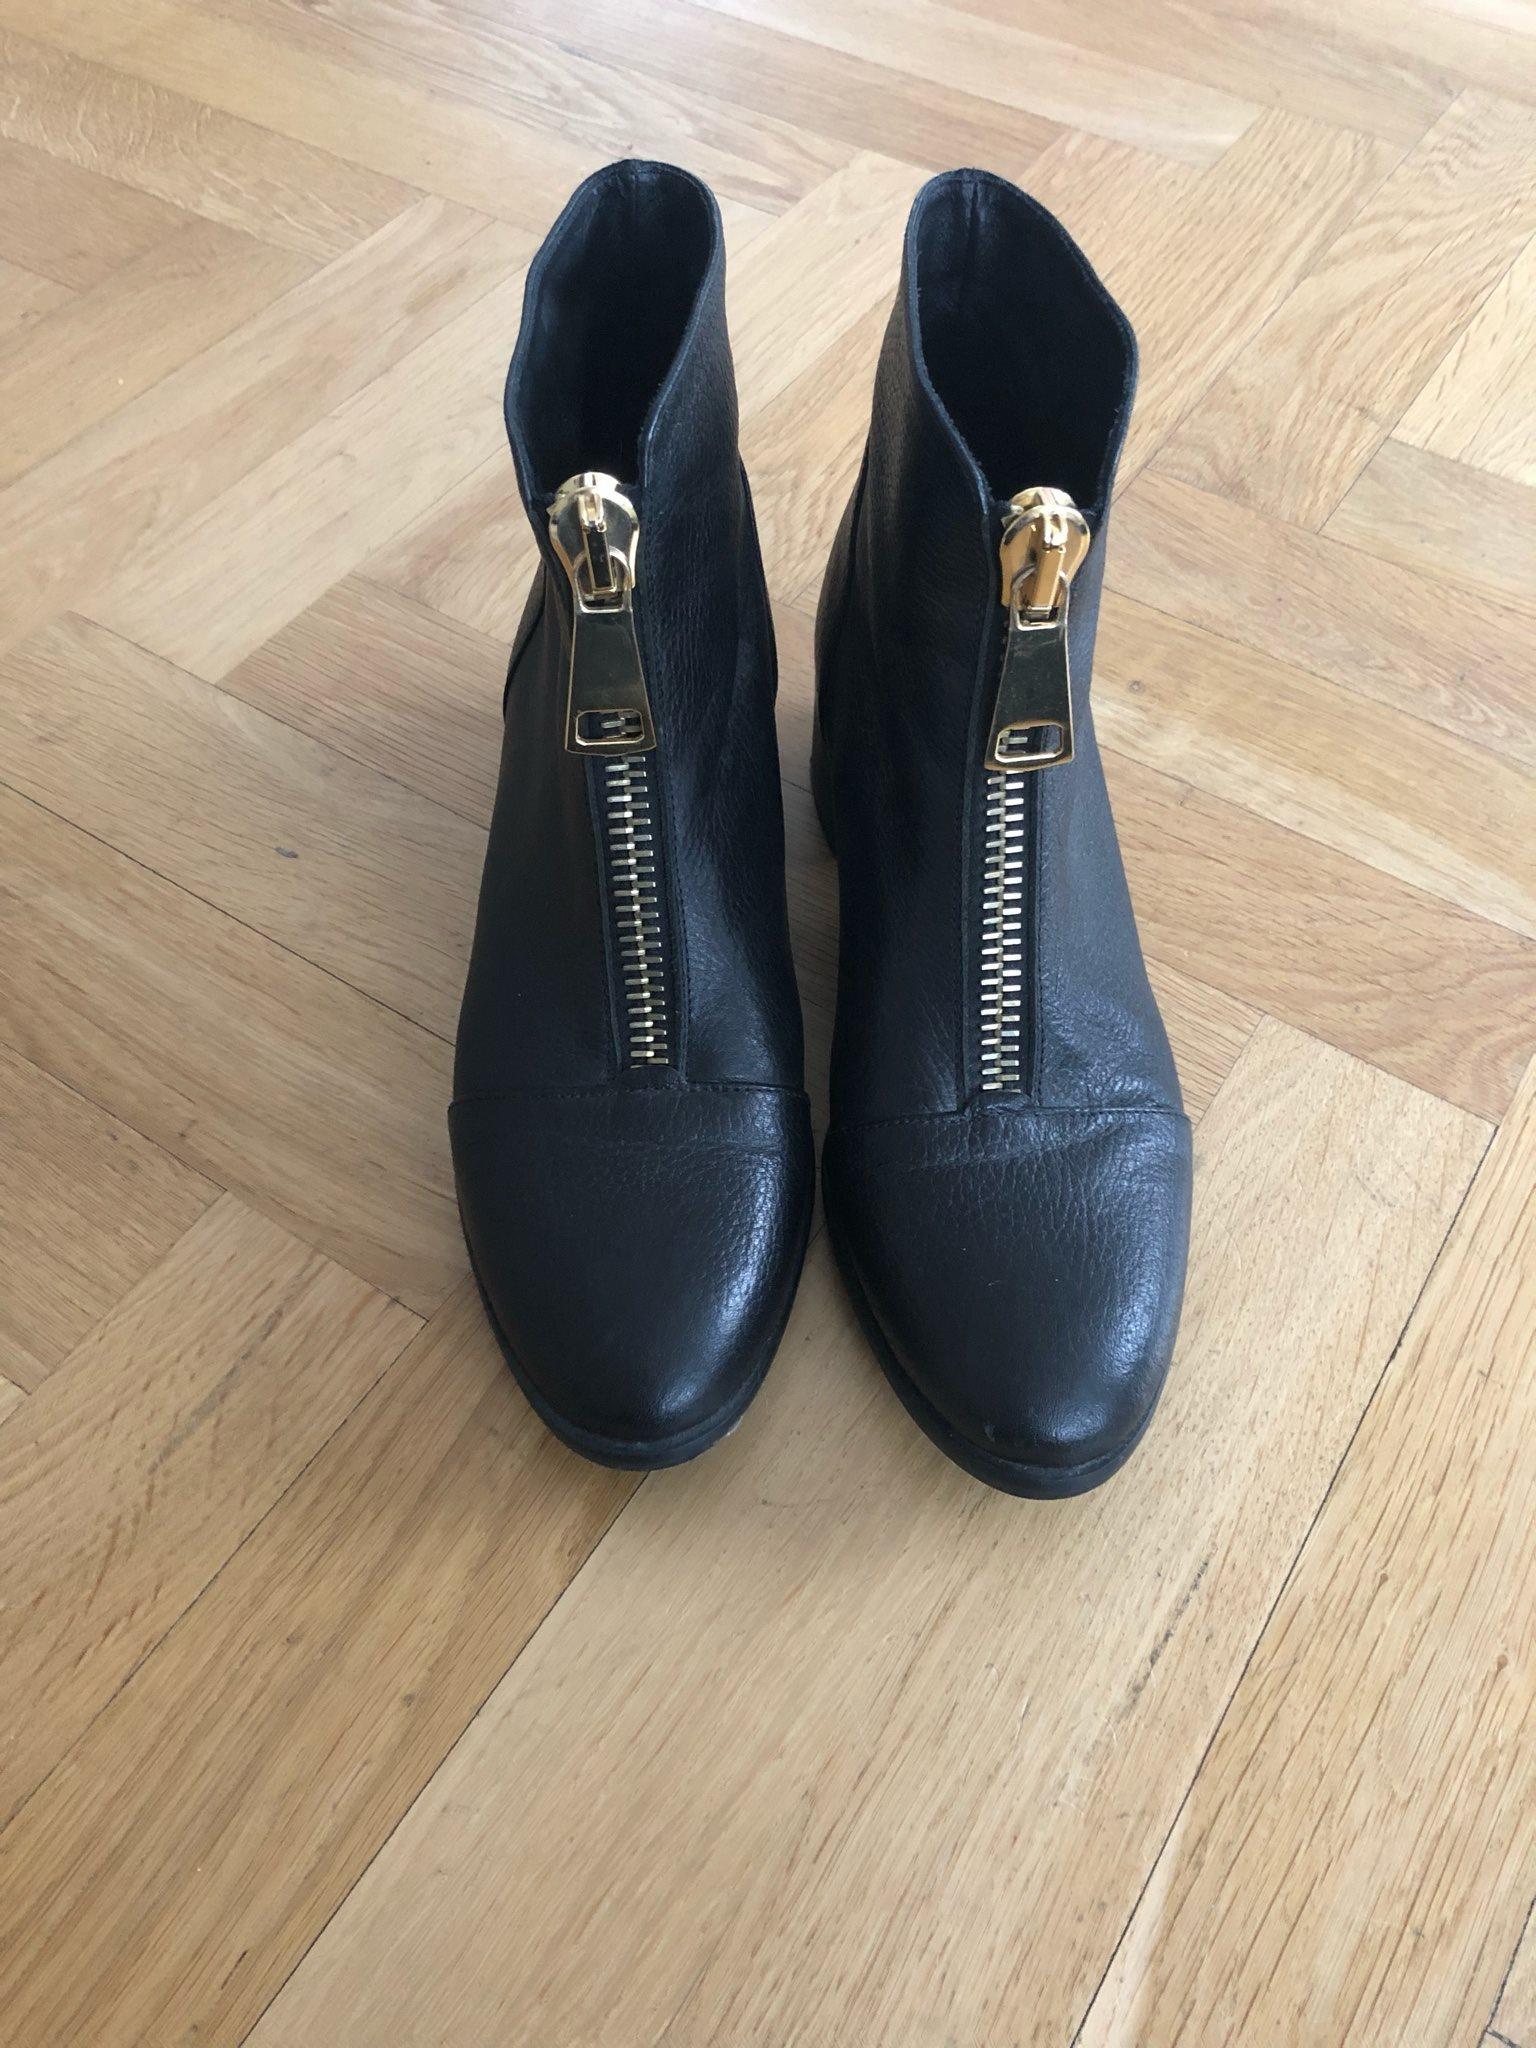 blankens skor storlek